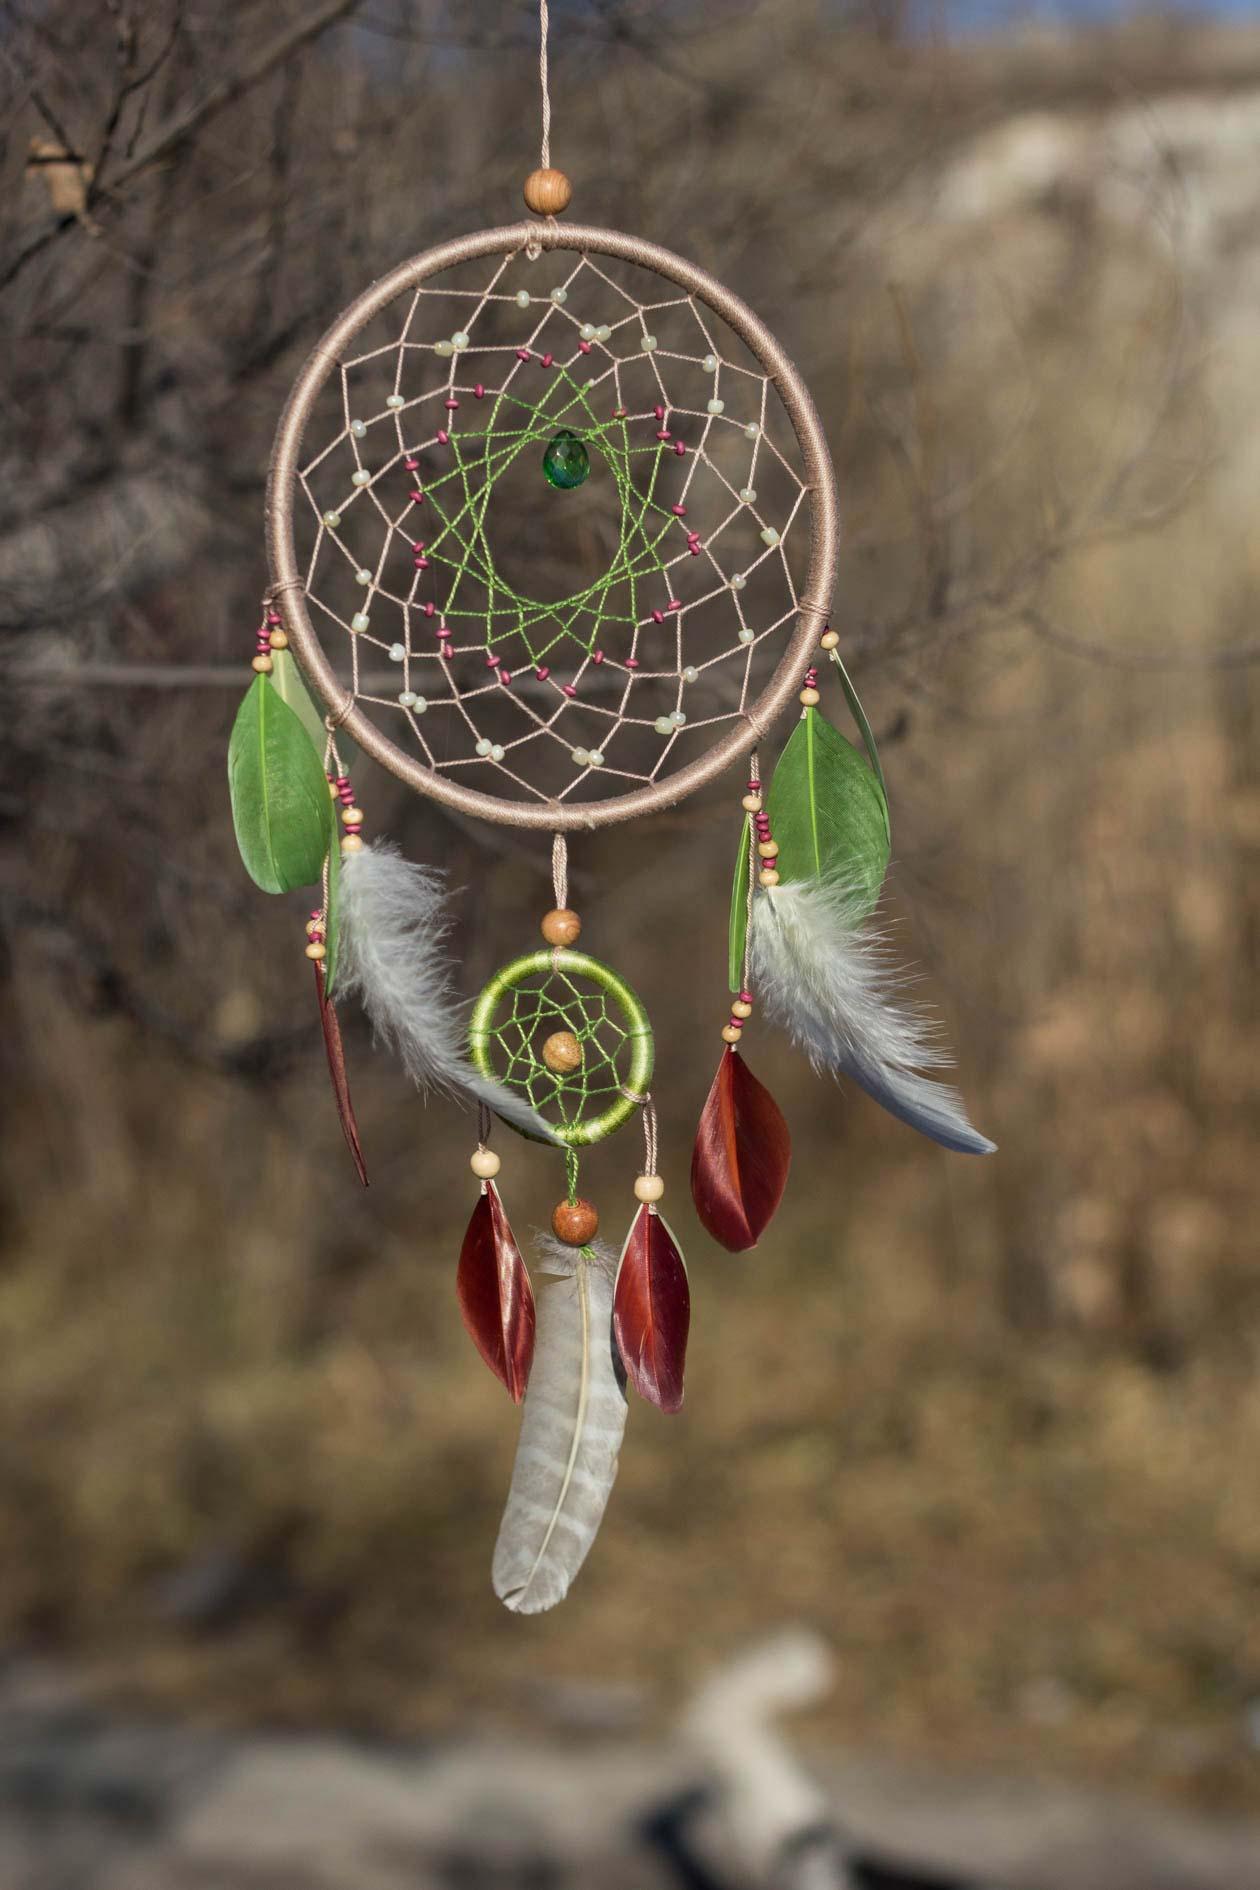 Ловец снов: для чего нужен амулет и как им пользоваться